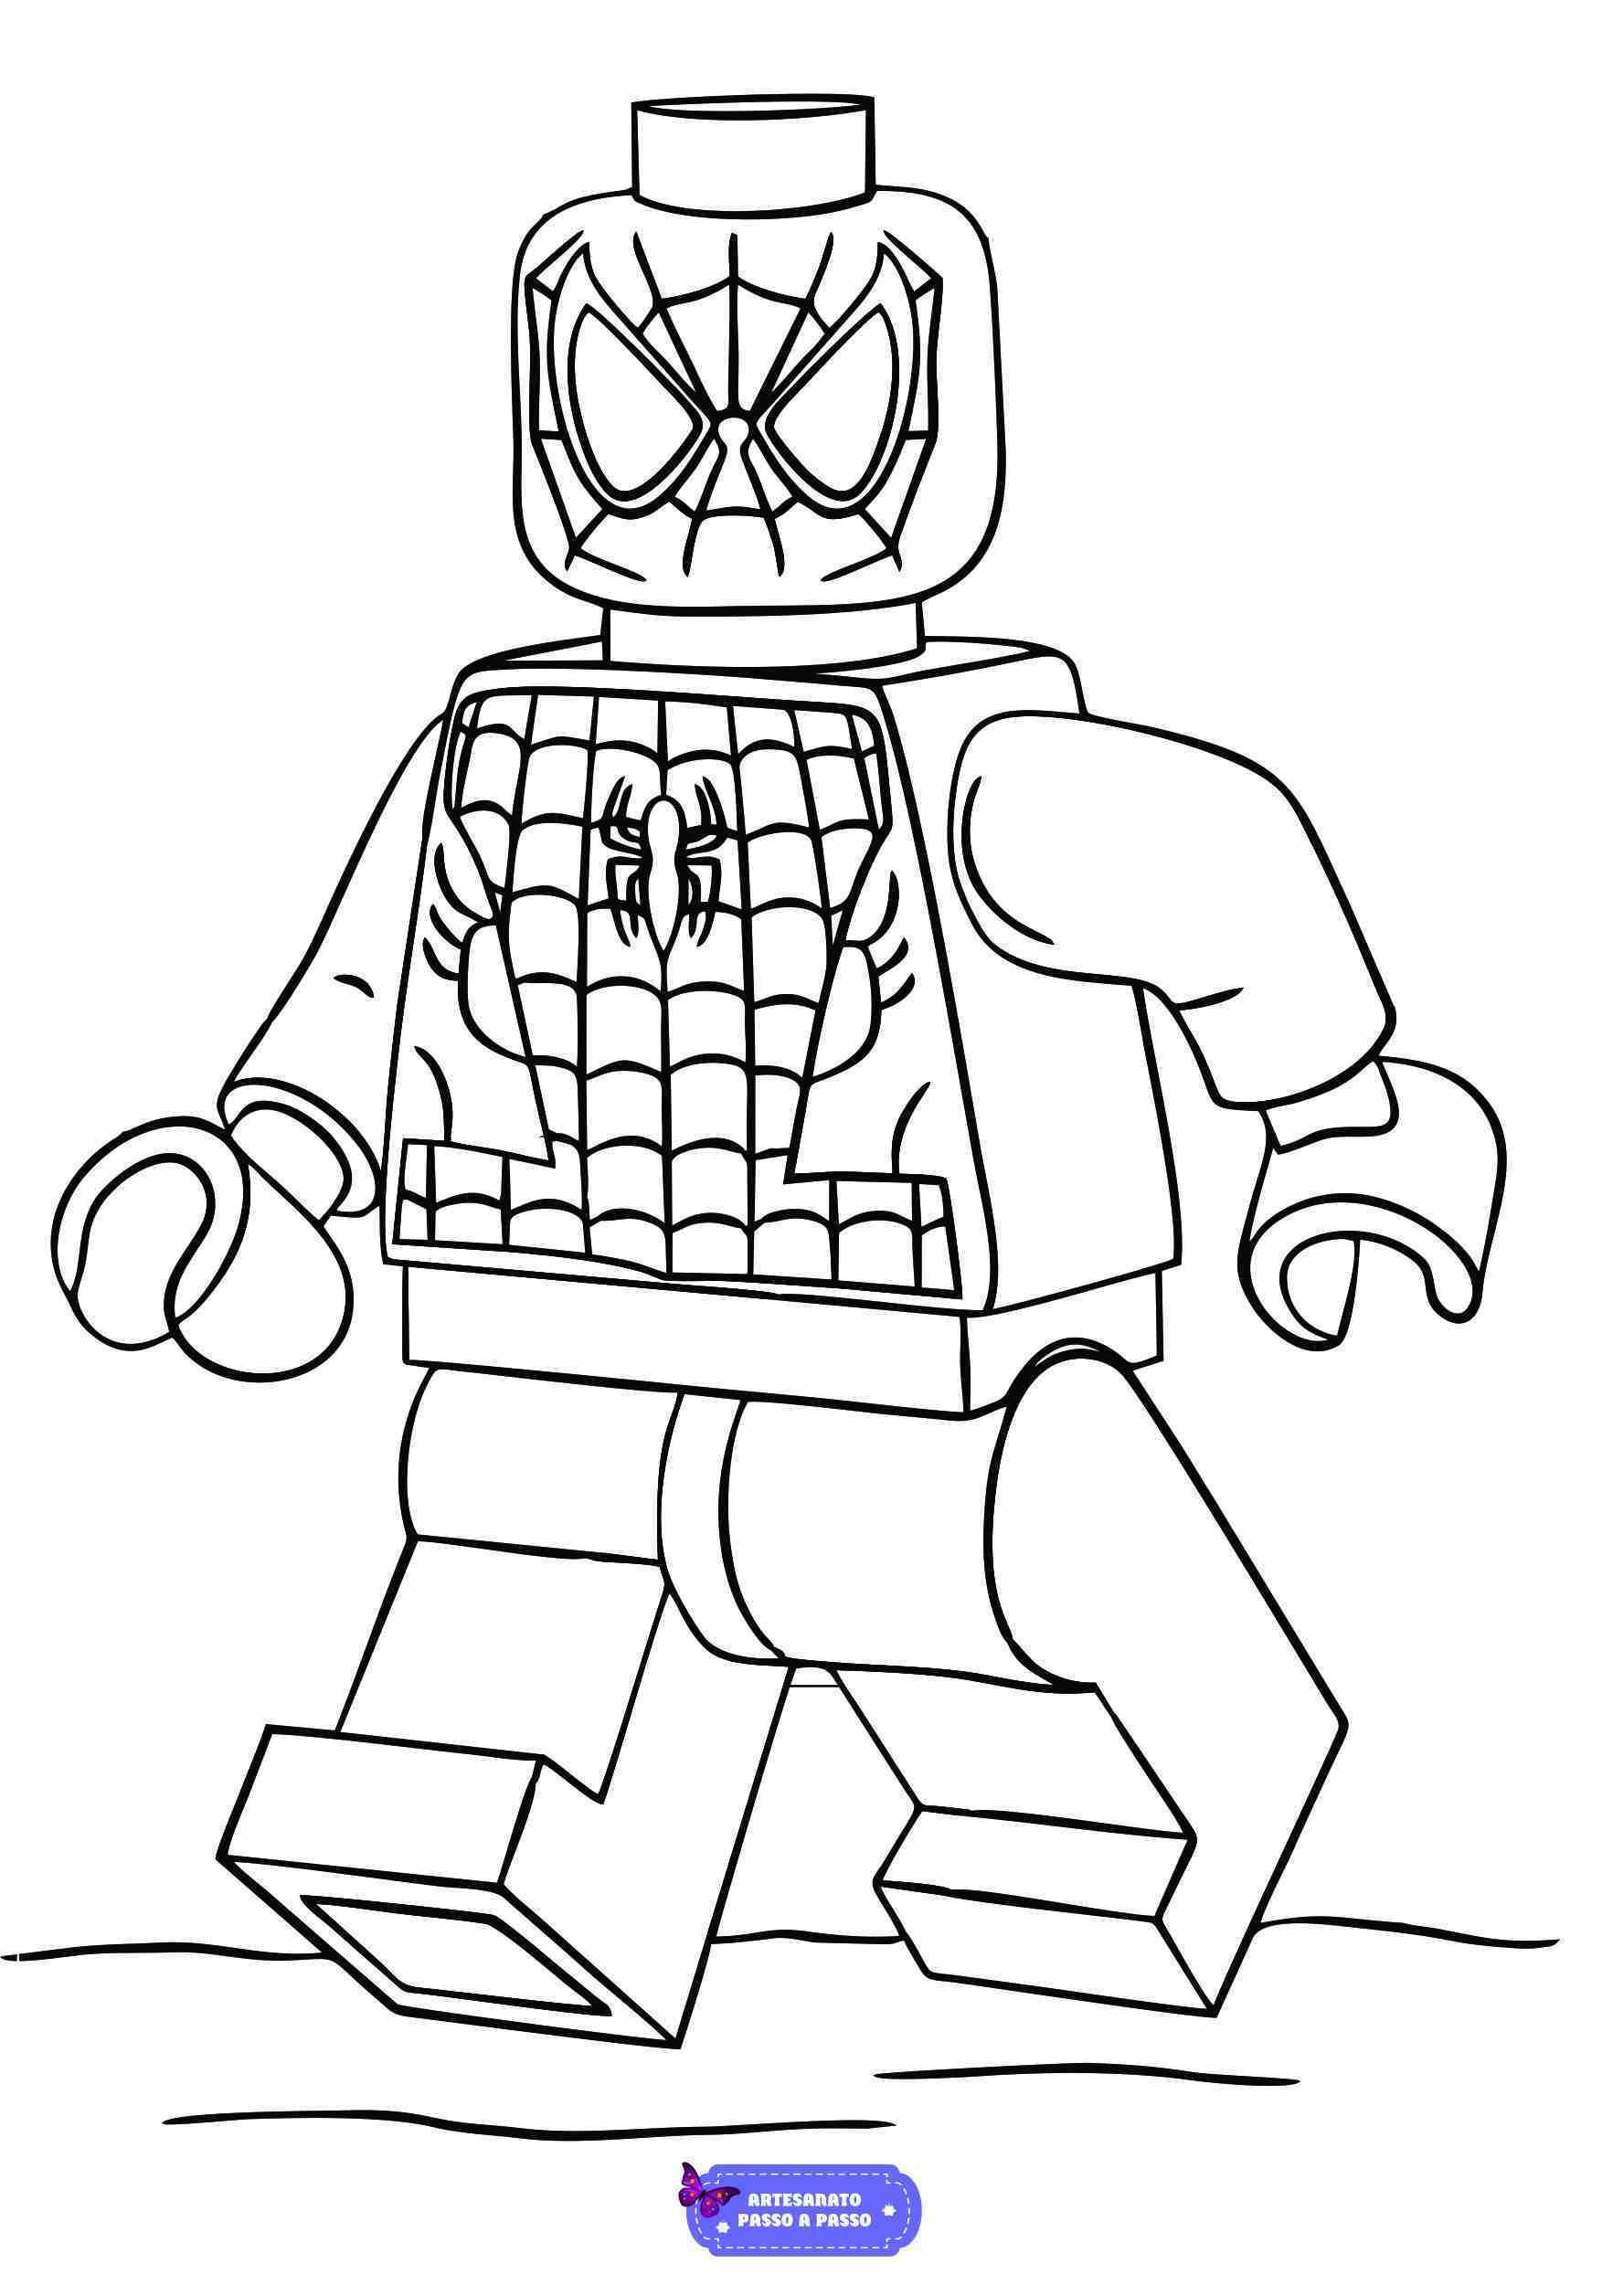 Desenho Do Homem Aranha Para Pintar Artesanato Passo A Passo